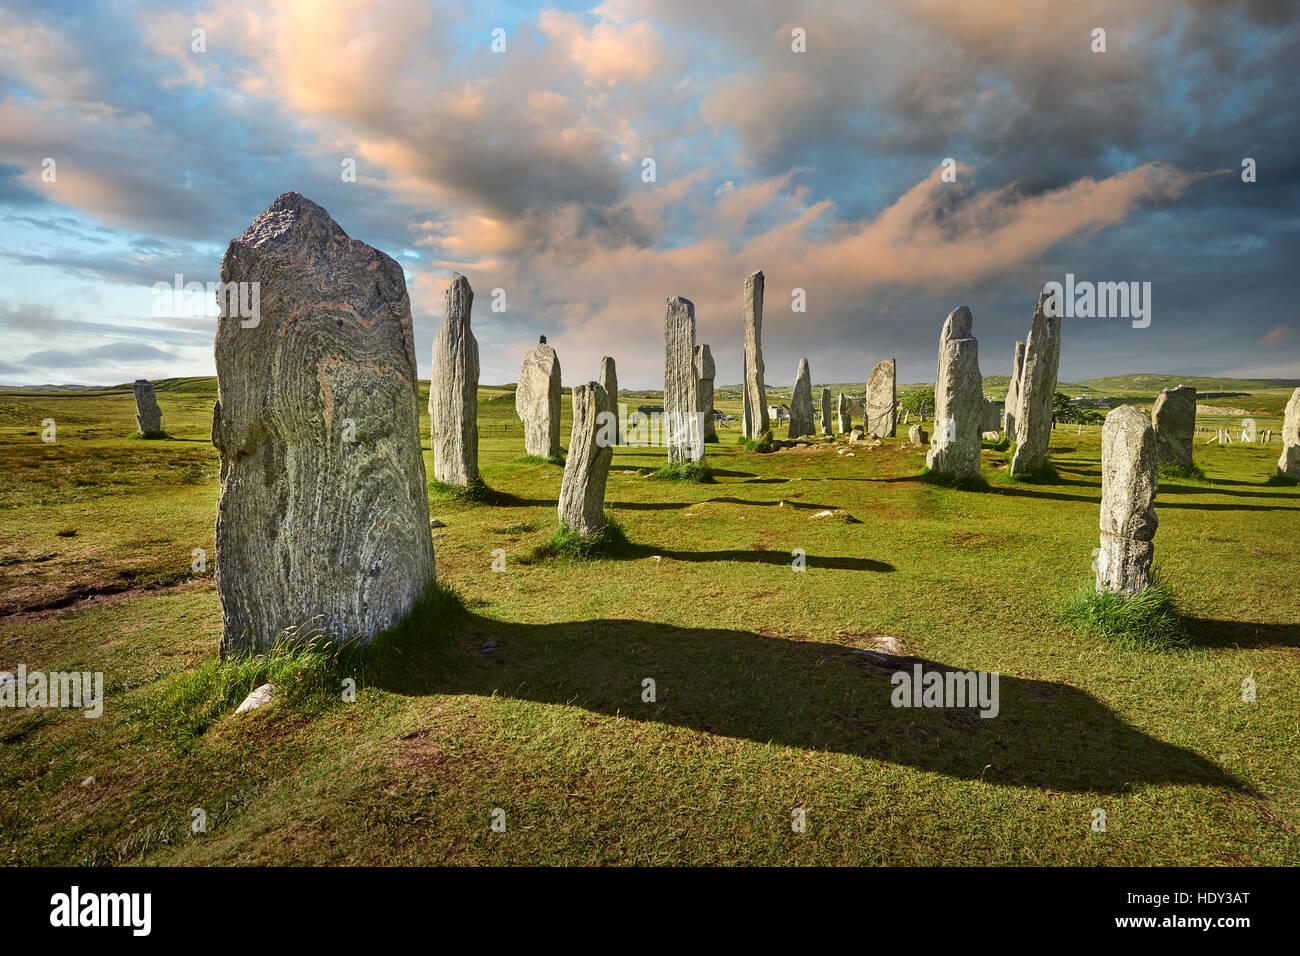 Calanais Standing Stones cercle central en pierre érigée entre 2900-2600BC, à l'île de Lewis Photo Stock